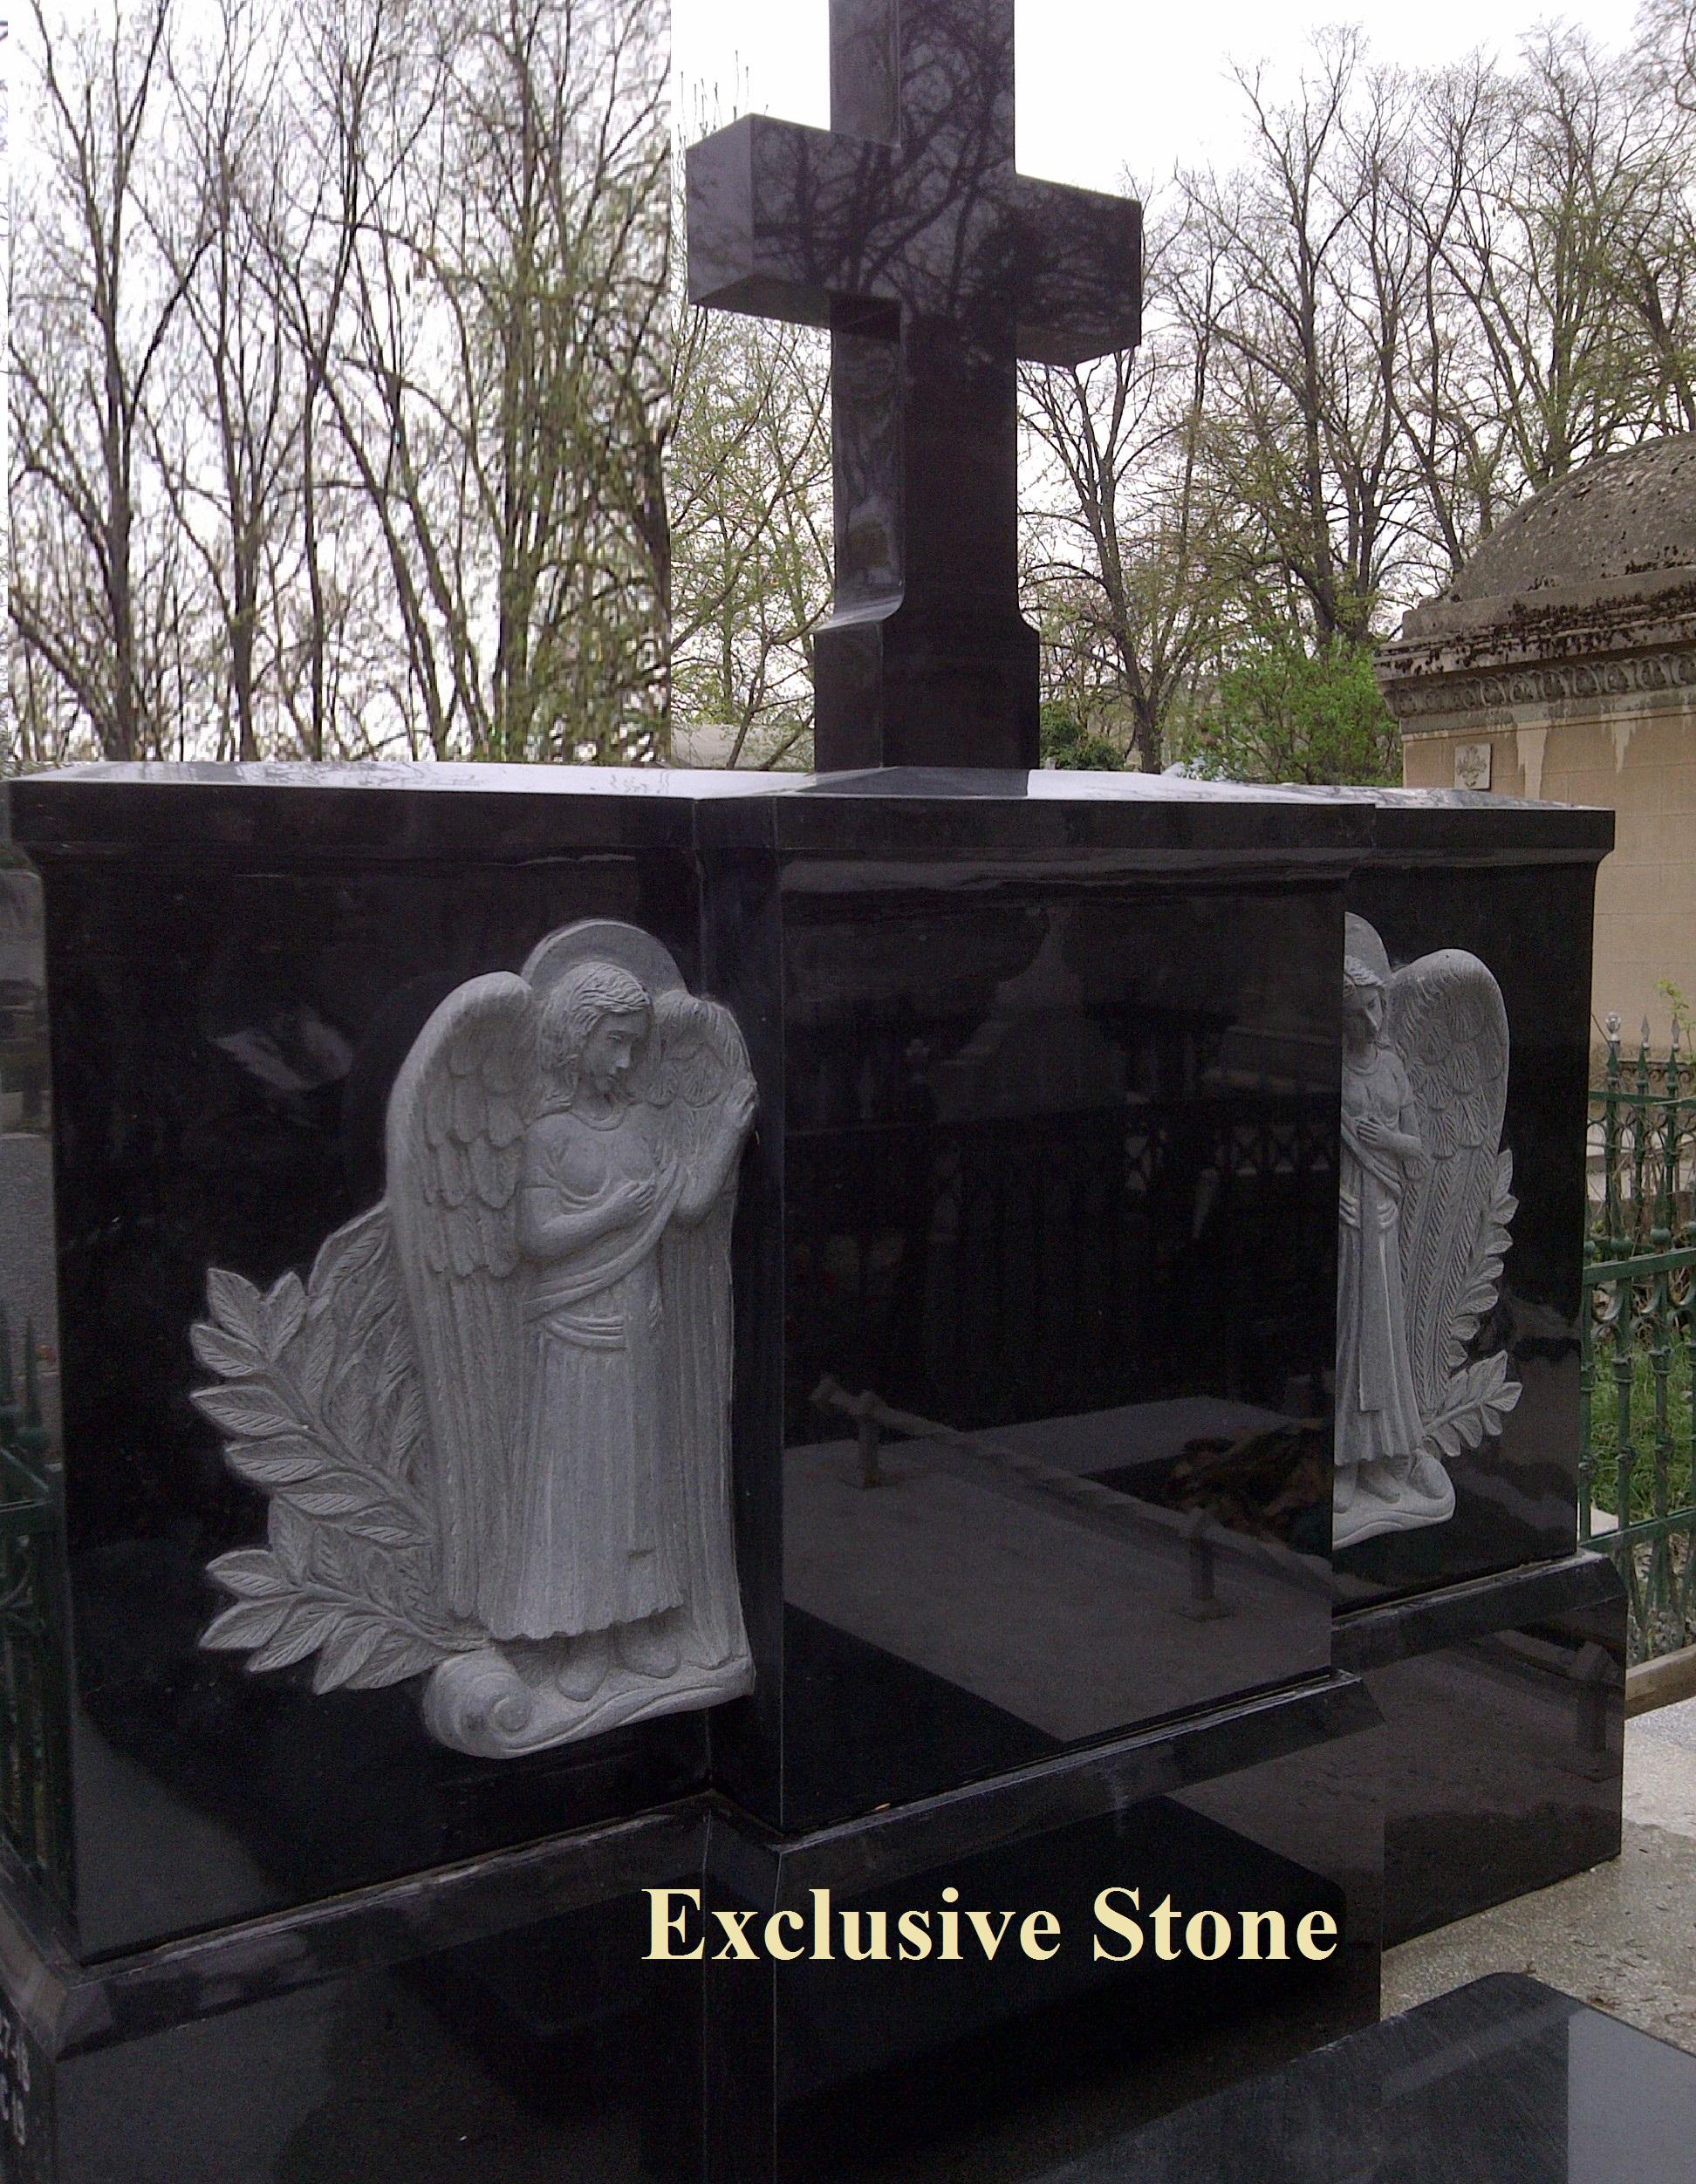 Cruce executata din masiv de granit Negru absolut cu sculptura ingeri